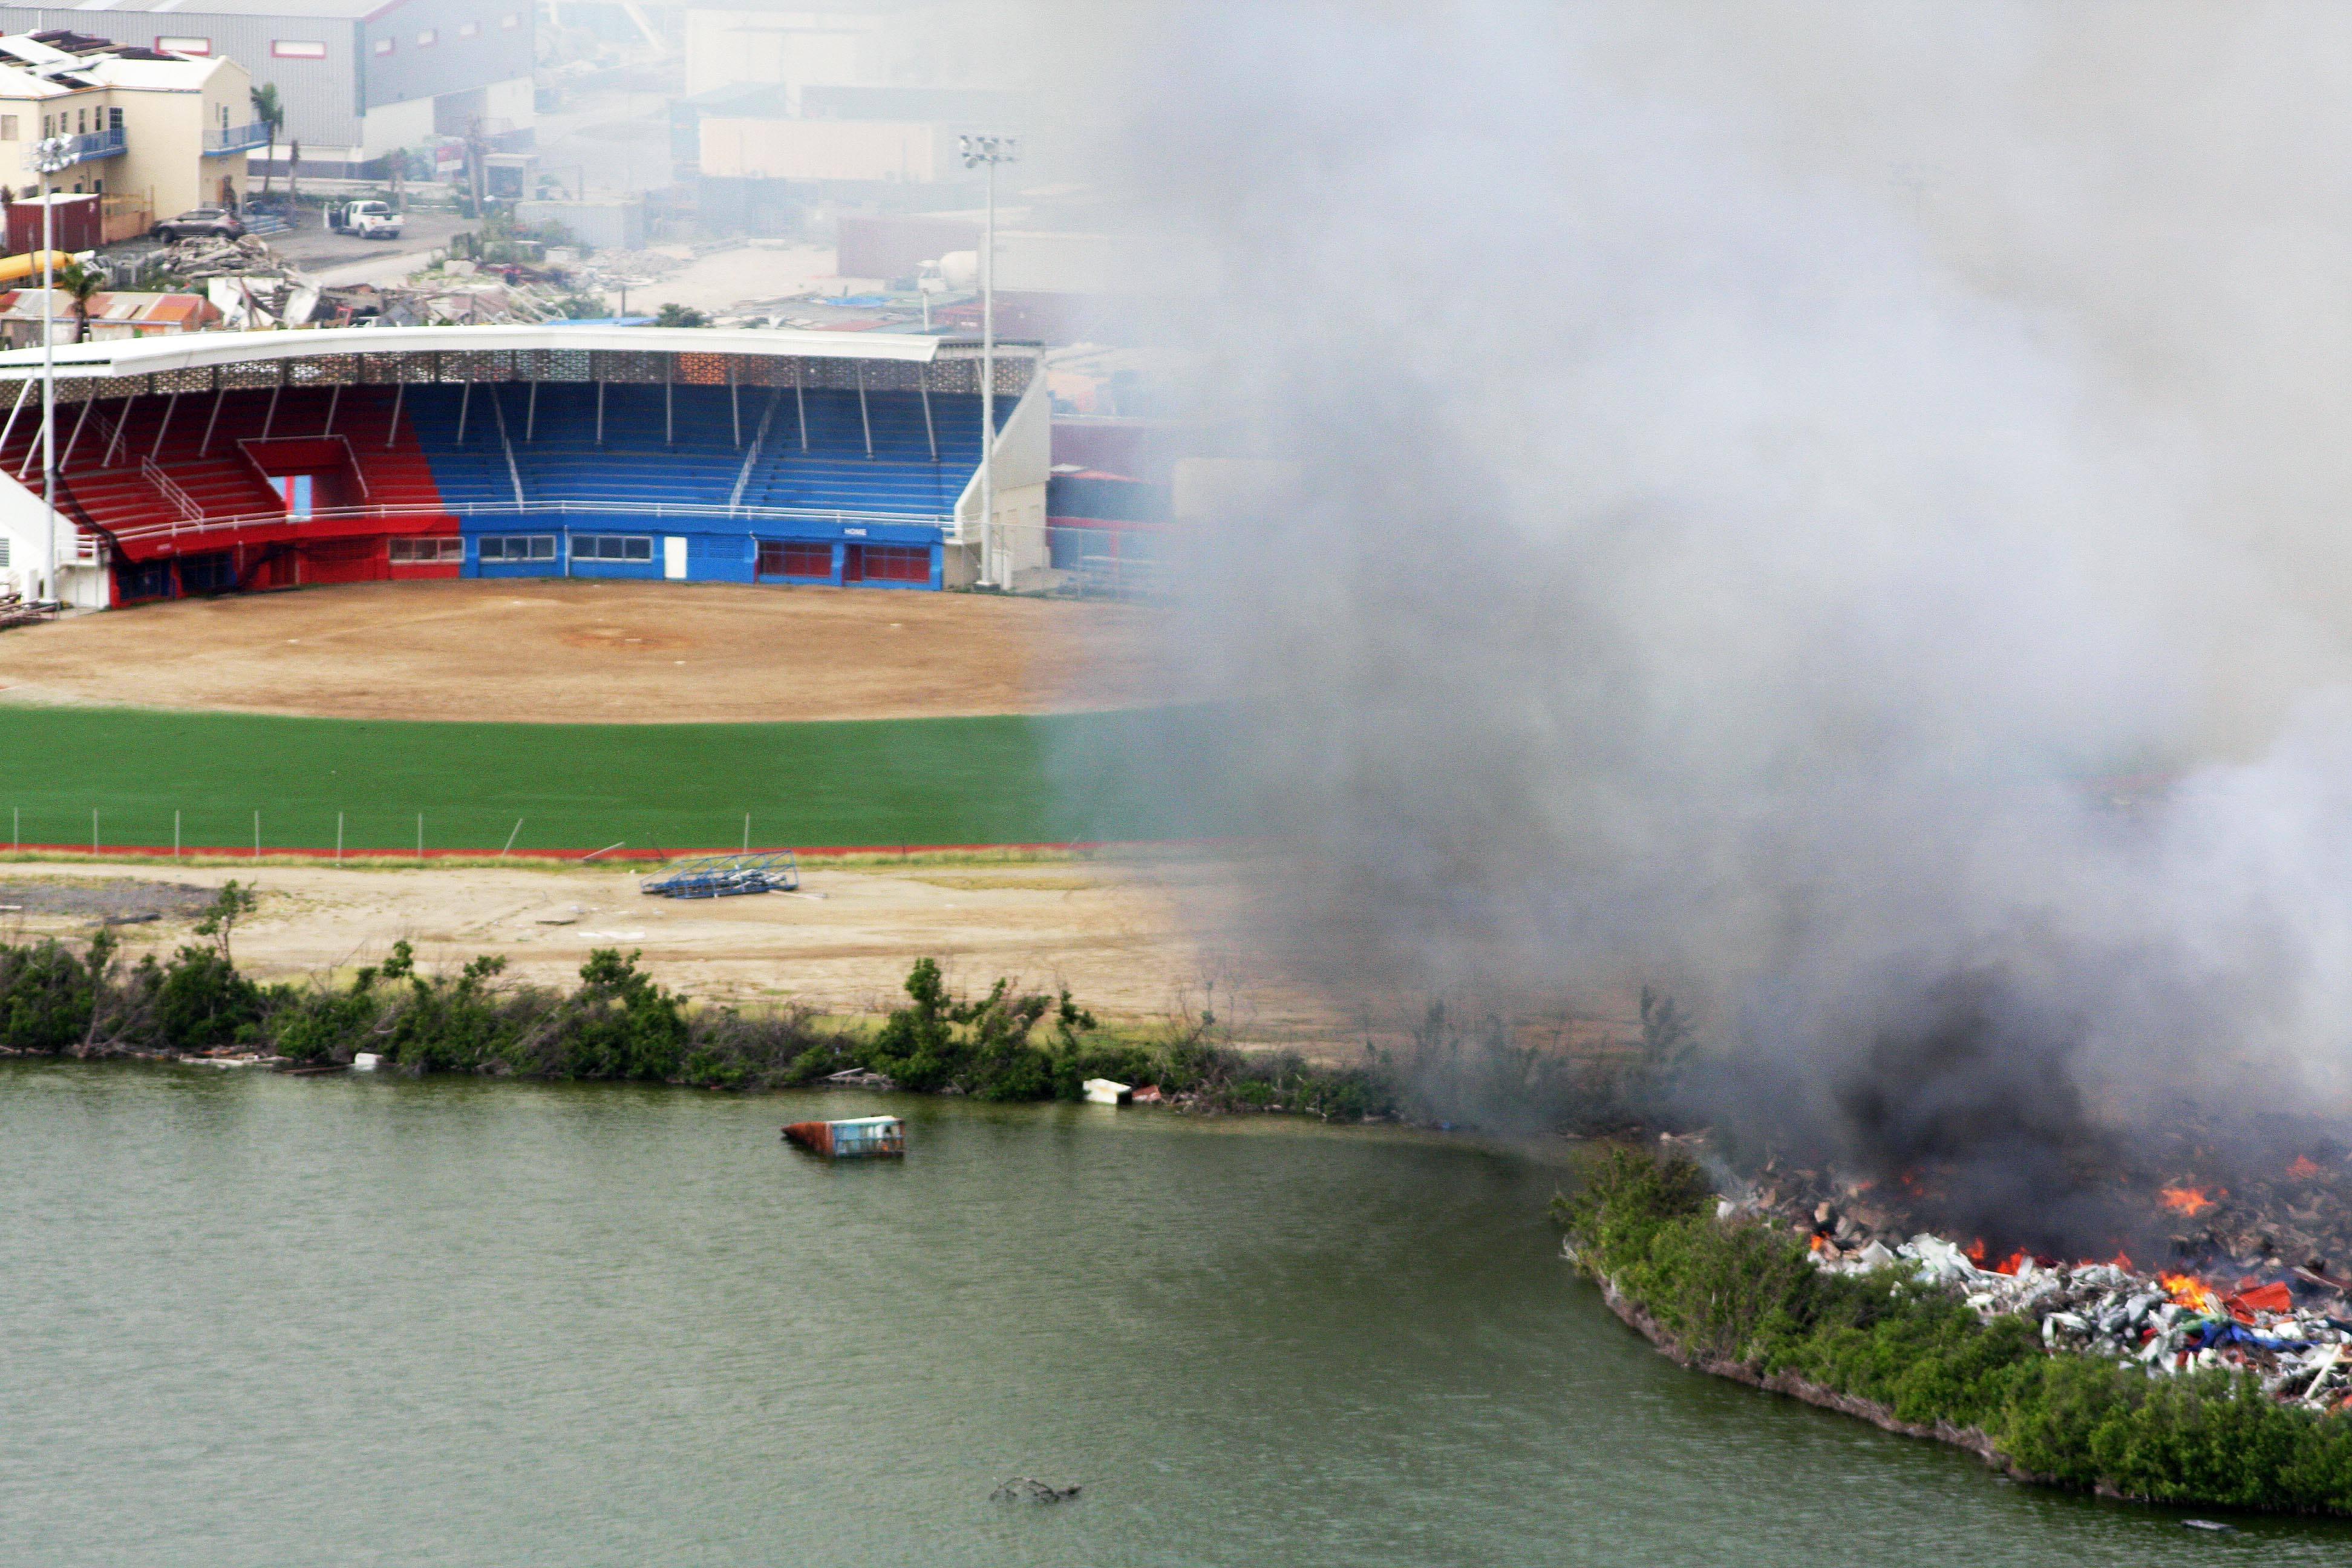 Irma Dump Fire next to Little League Stadium